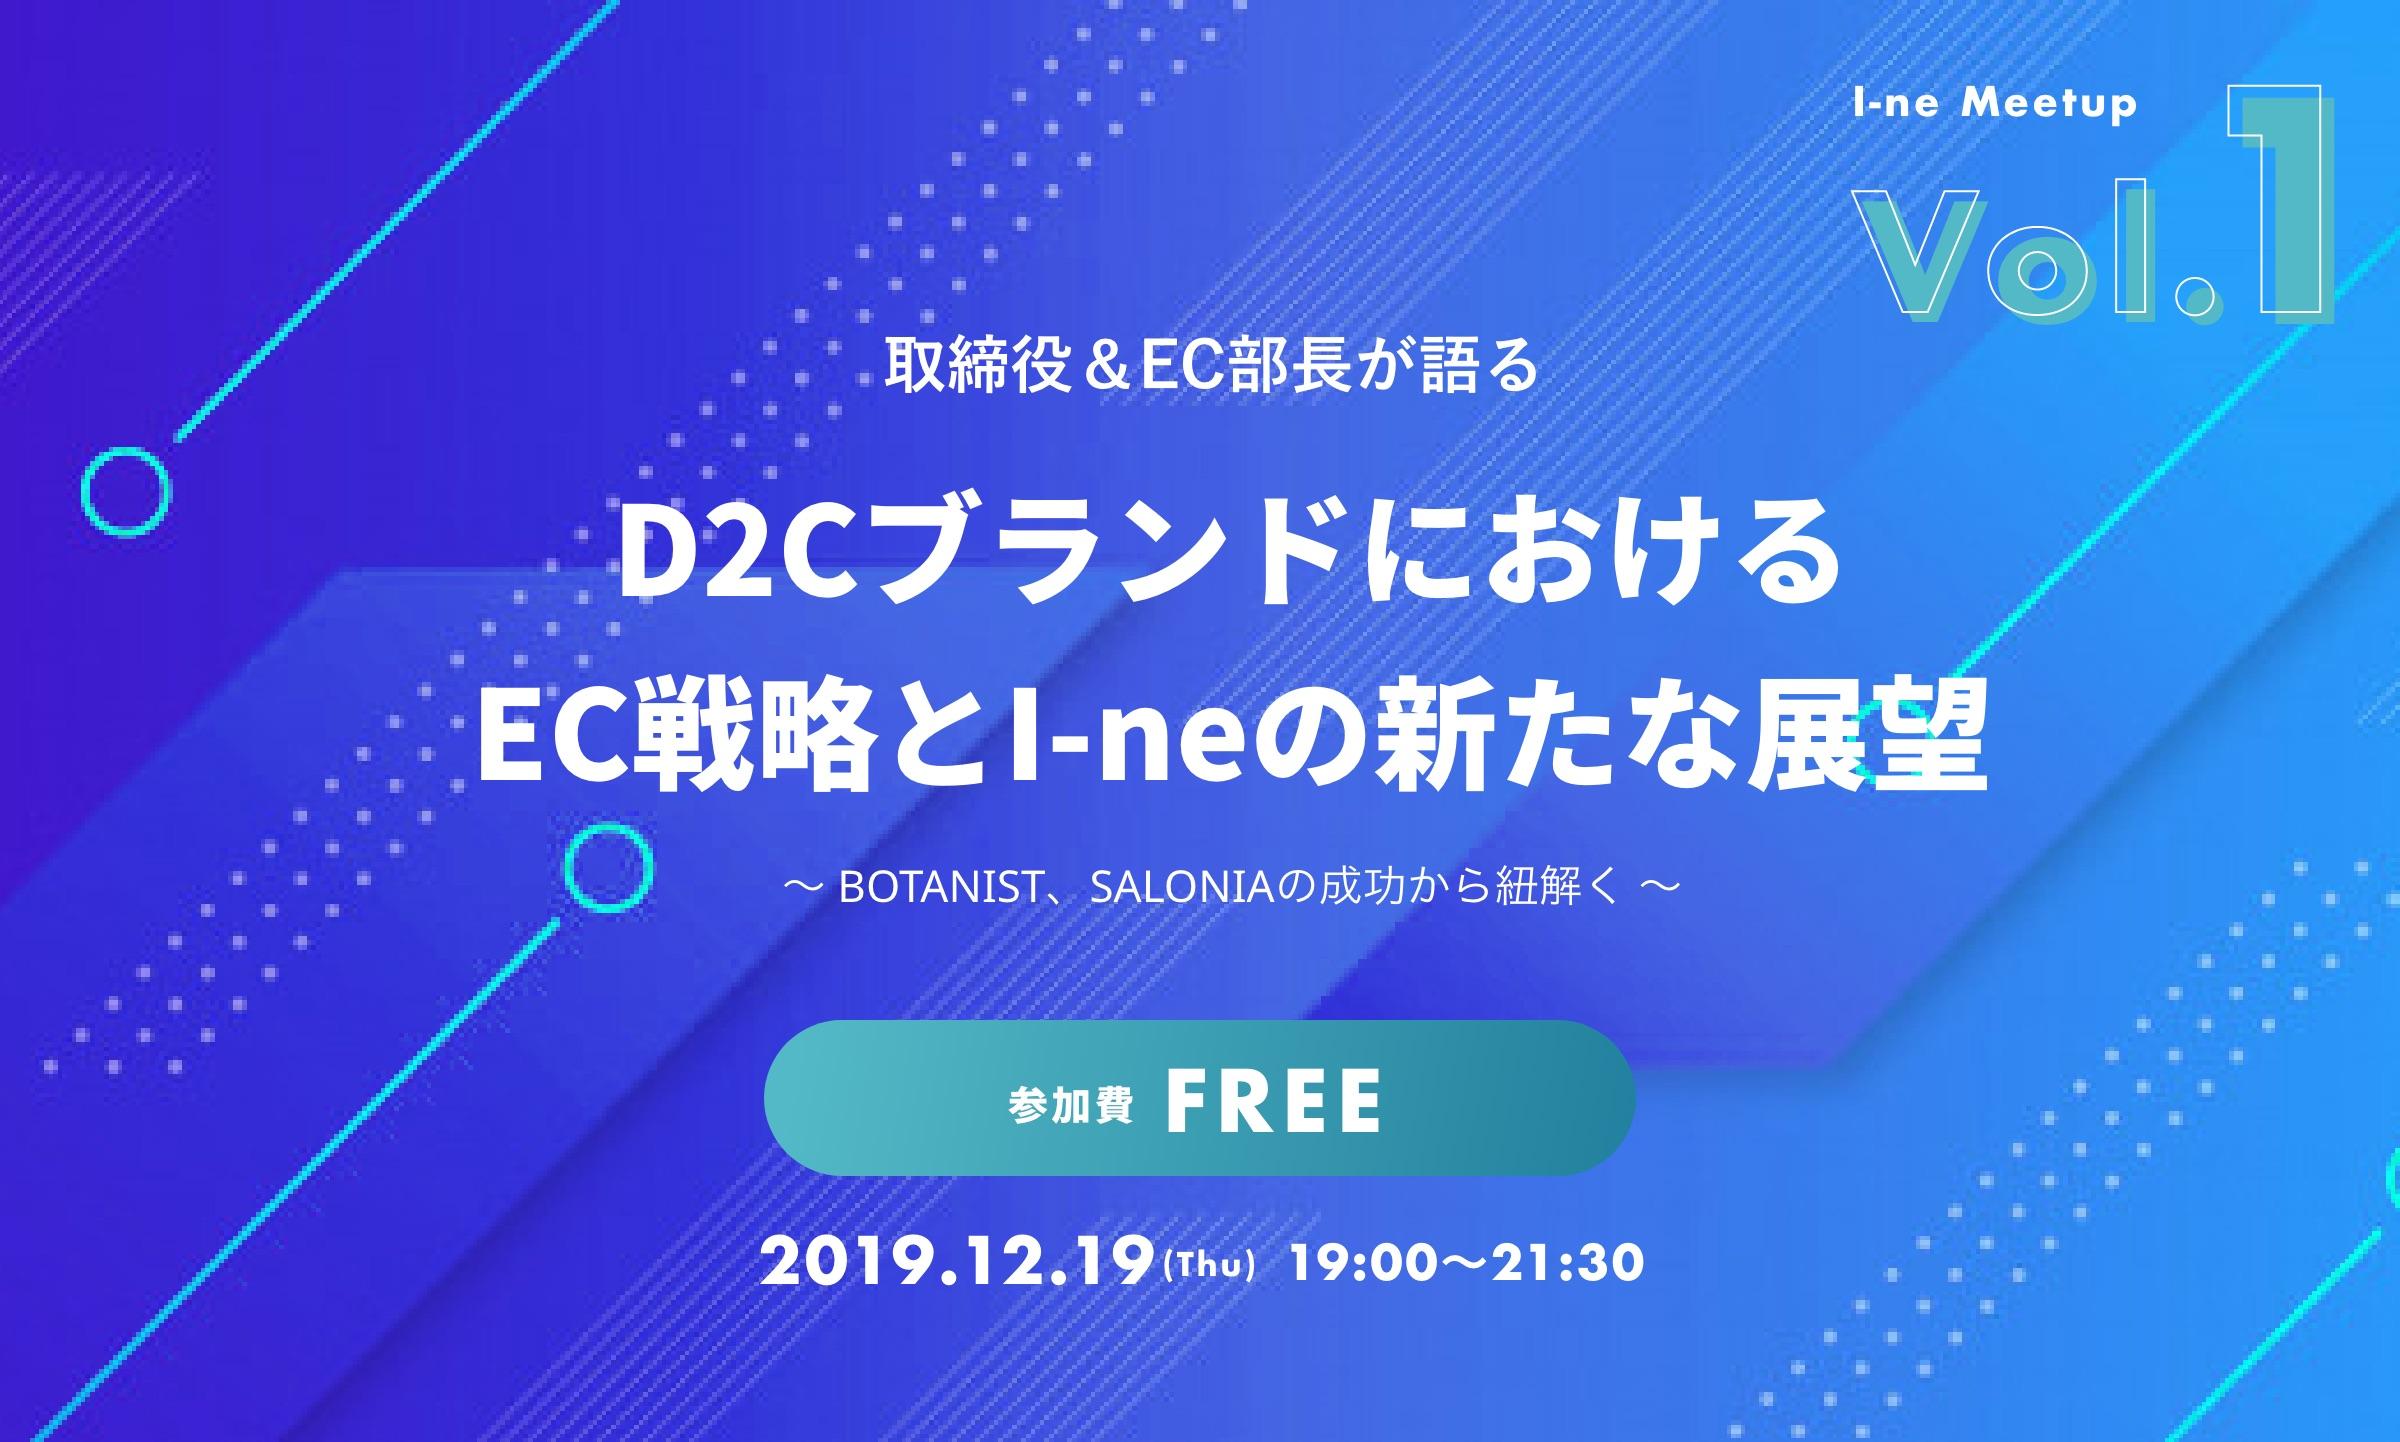 【イベント開催】D2CブランドにおけるEC戦略と…